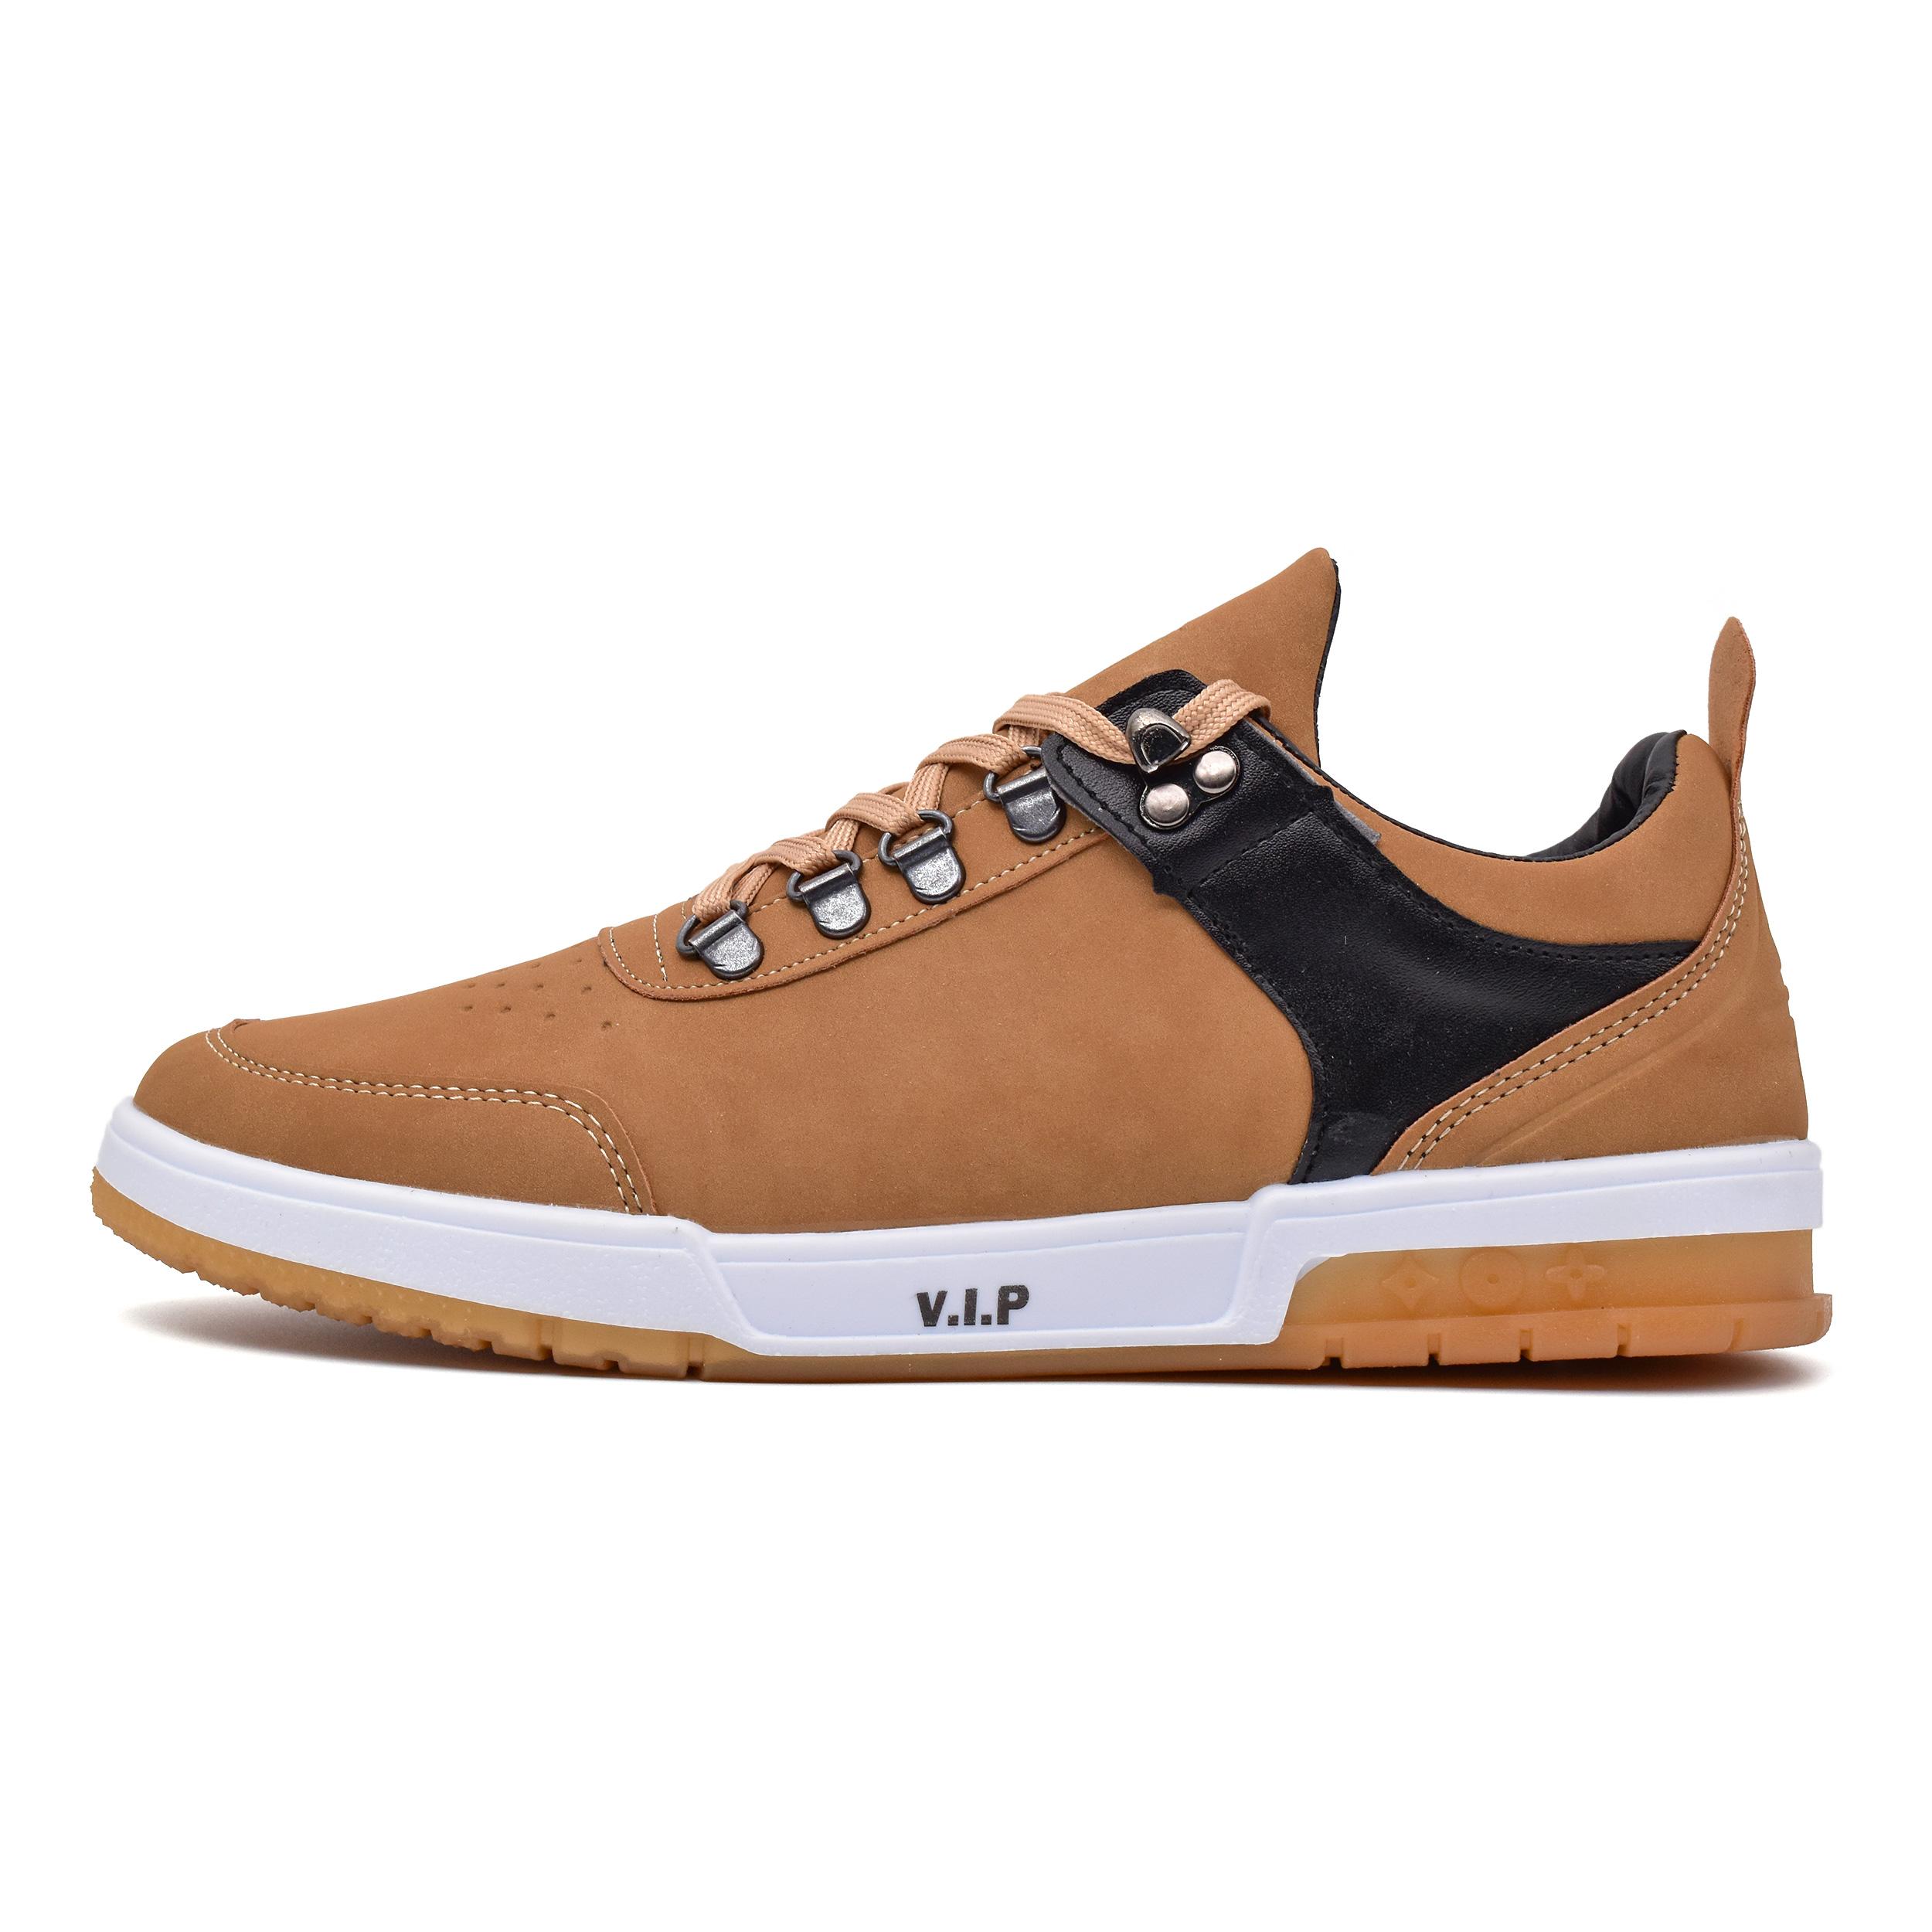 خرید اینترنتی                     کفش مخصوص پیاده روی مردانه وی آی پی کد 5861             با قیمت مناسب